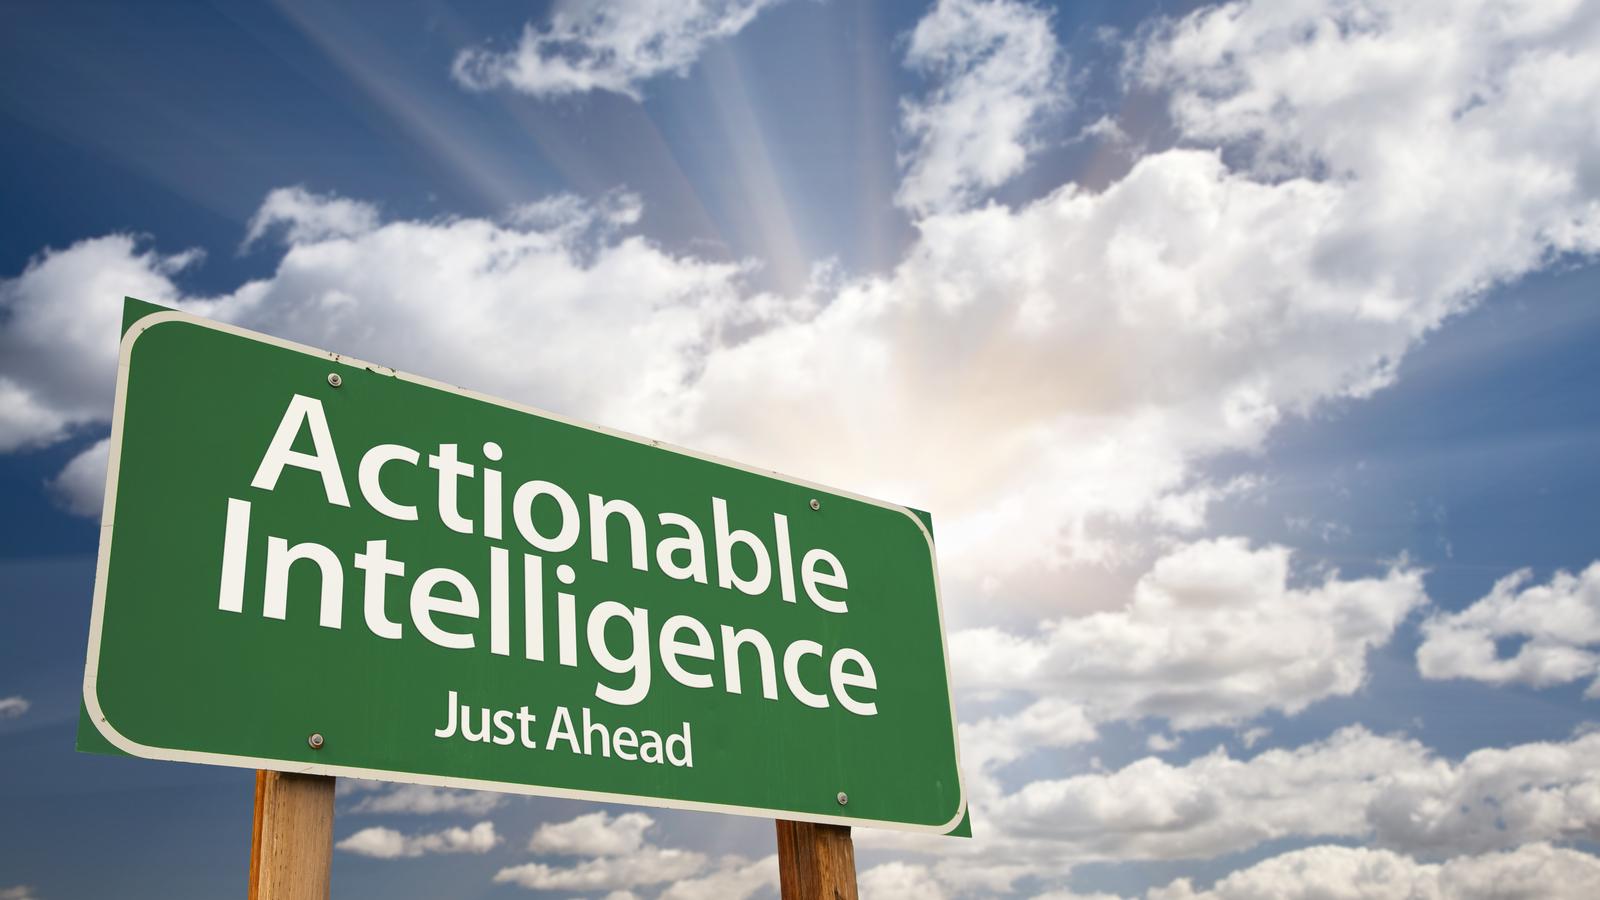 Turning Data Deluge into Actionable Intelligence